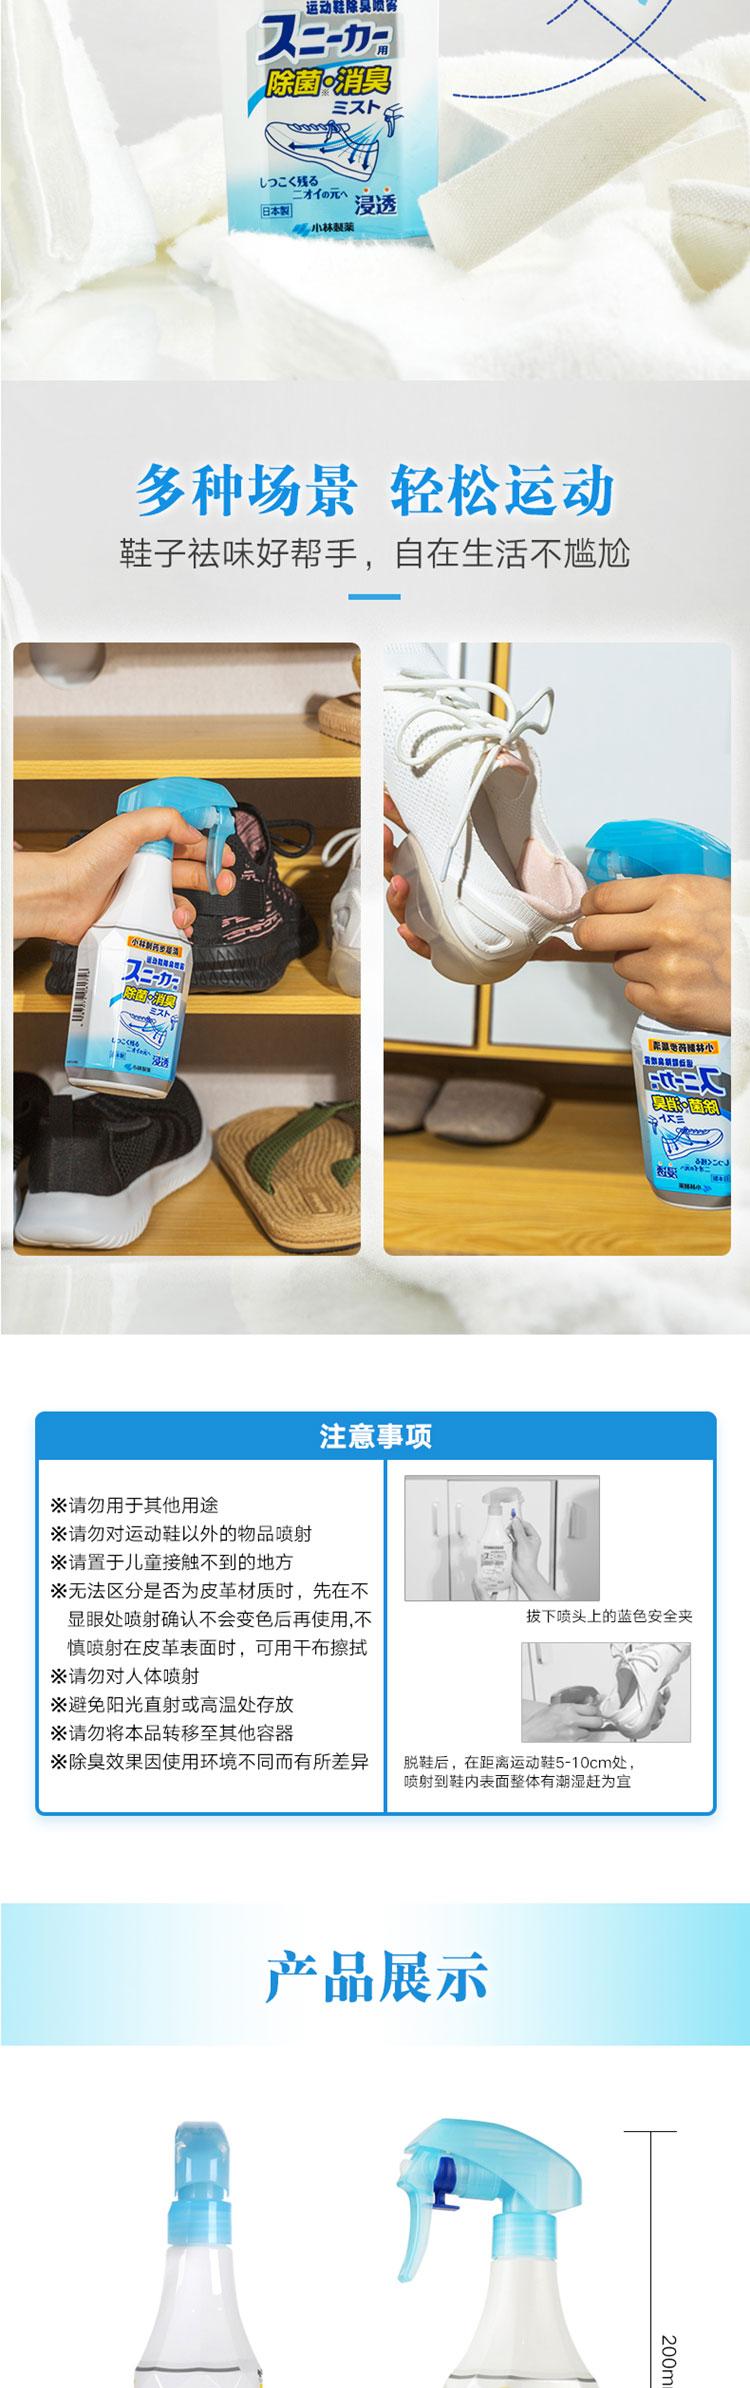 【轻松除鞋臭】日本进口小林制药运动鞋用除臭剂250ml除臭喷雾去除异味鞋子除臭剂清新空气